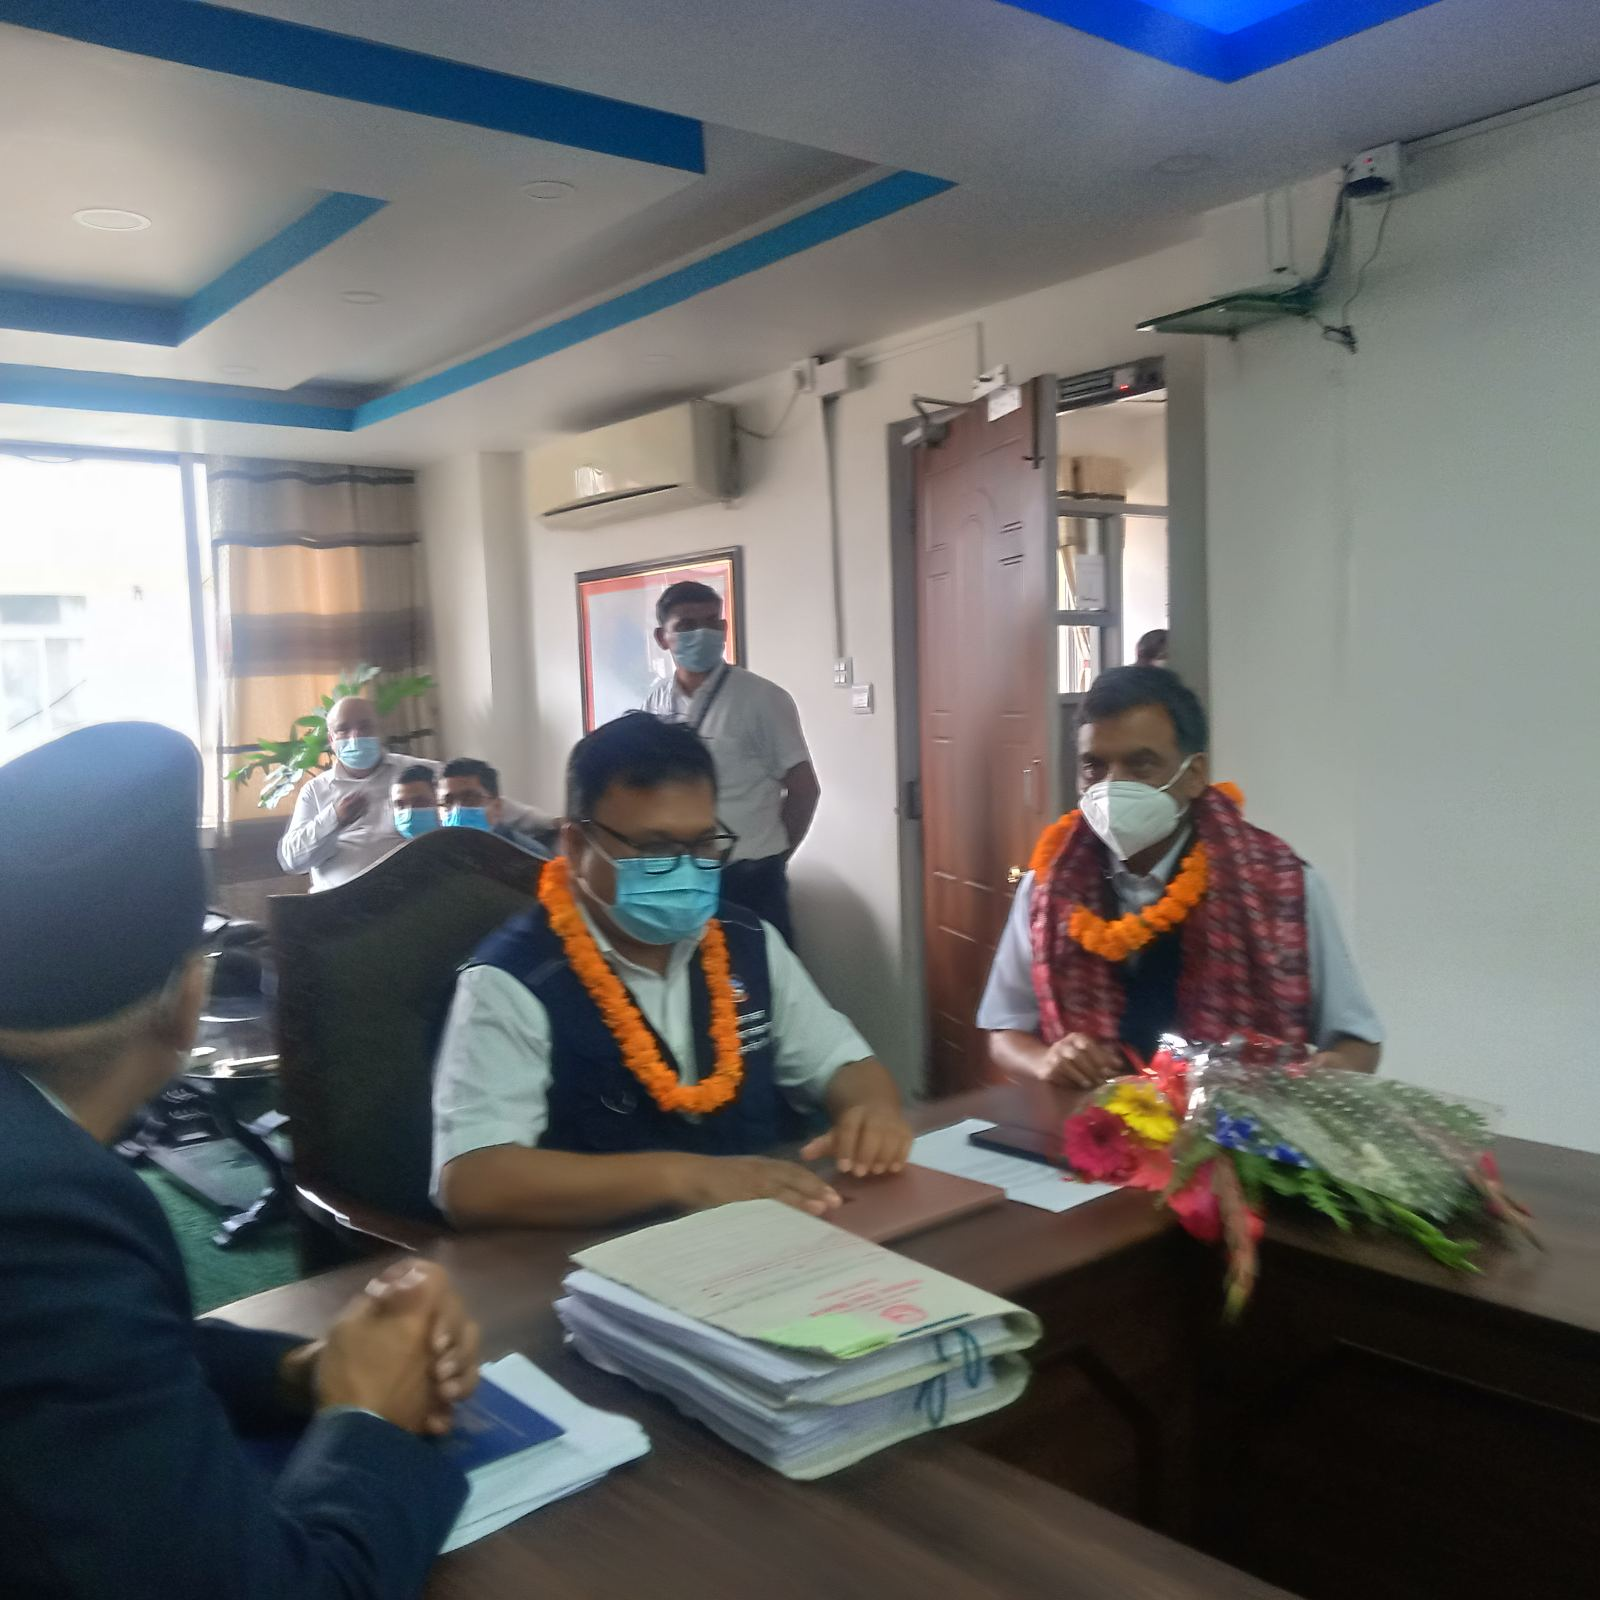 निवर्तमान महानिर्देशक डा. दीपेन्द्र रमन सिंहको बिदाइ र नव नियुक्त महानिर्देशक डा. आर पी बिच्छाको स्वागत कार्यक्रम